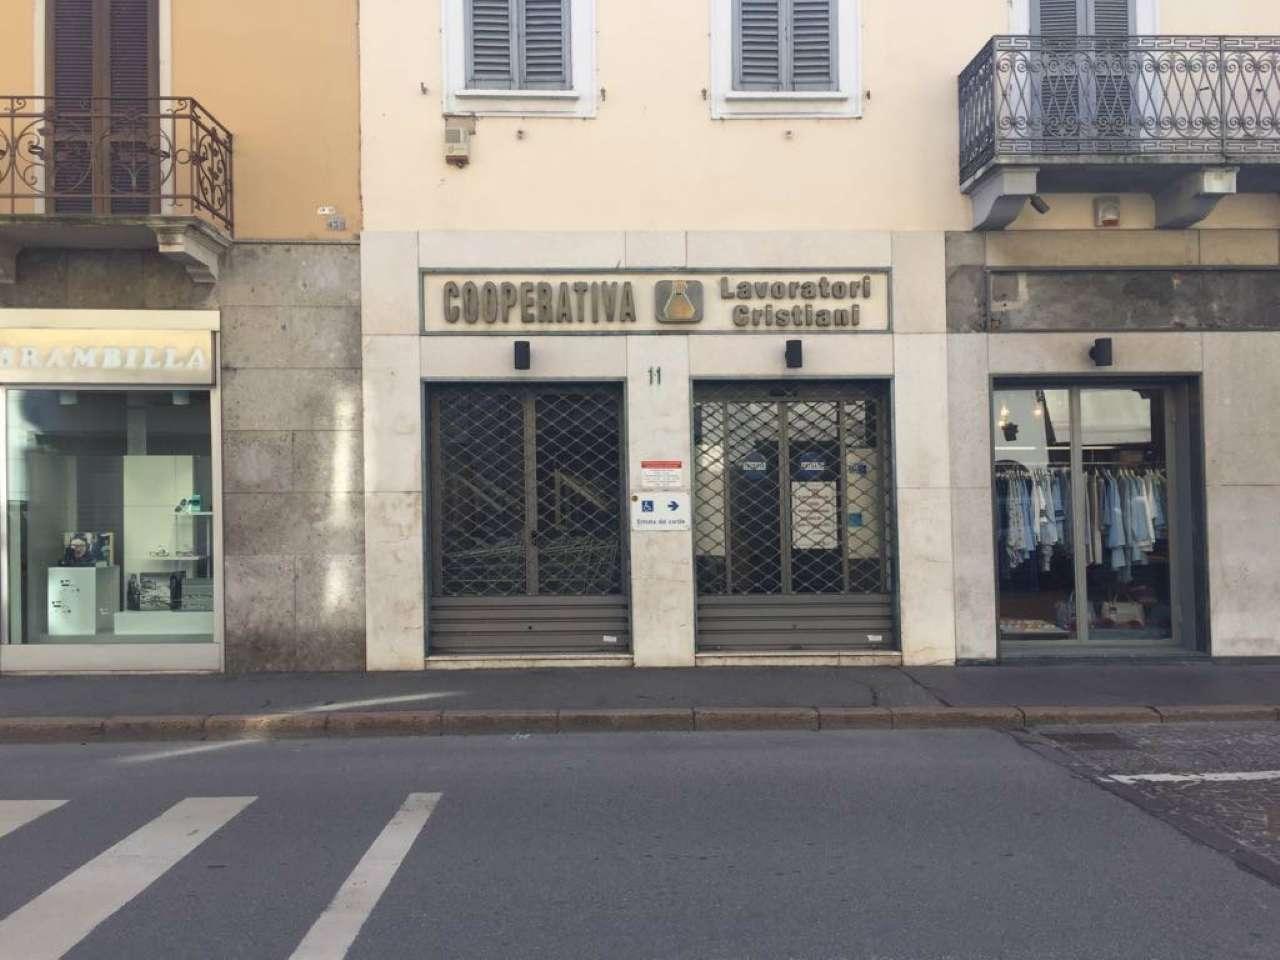 Negozio / Locale in vendita a Gorgonzola, 9999 locali, Trattative riservate | CambioCasa.it